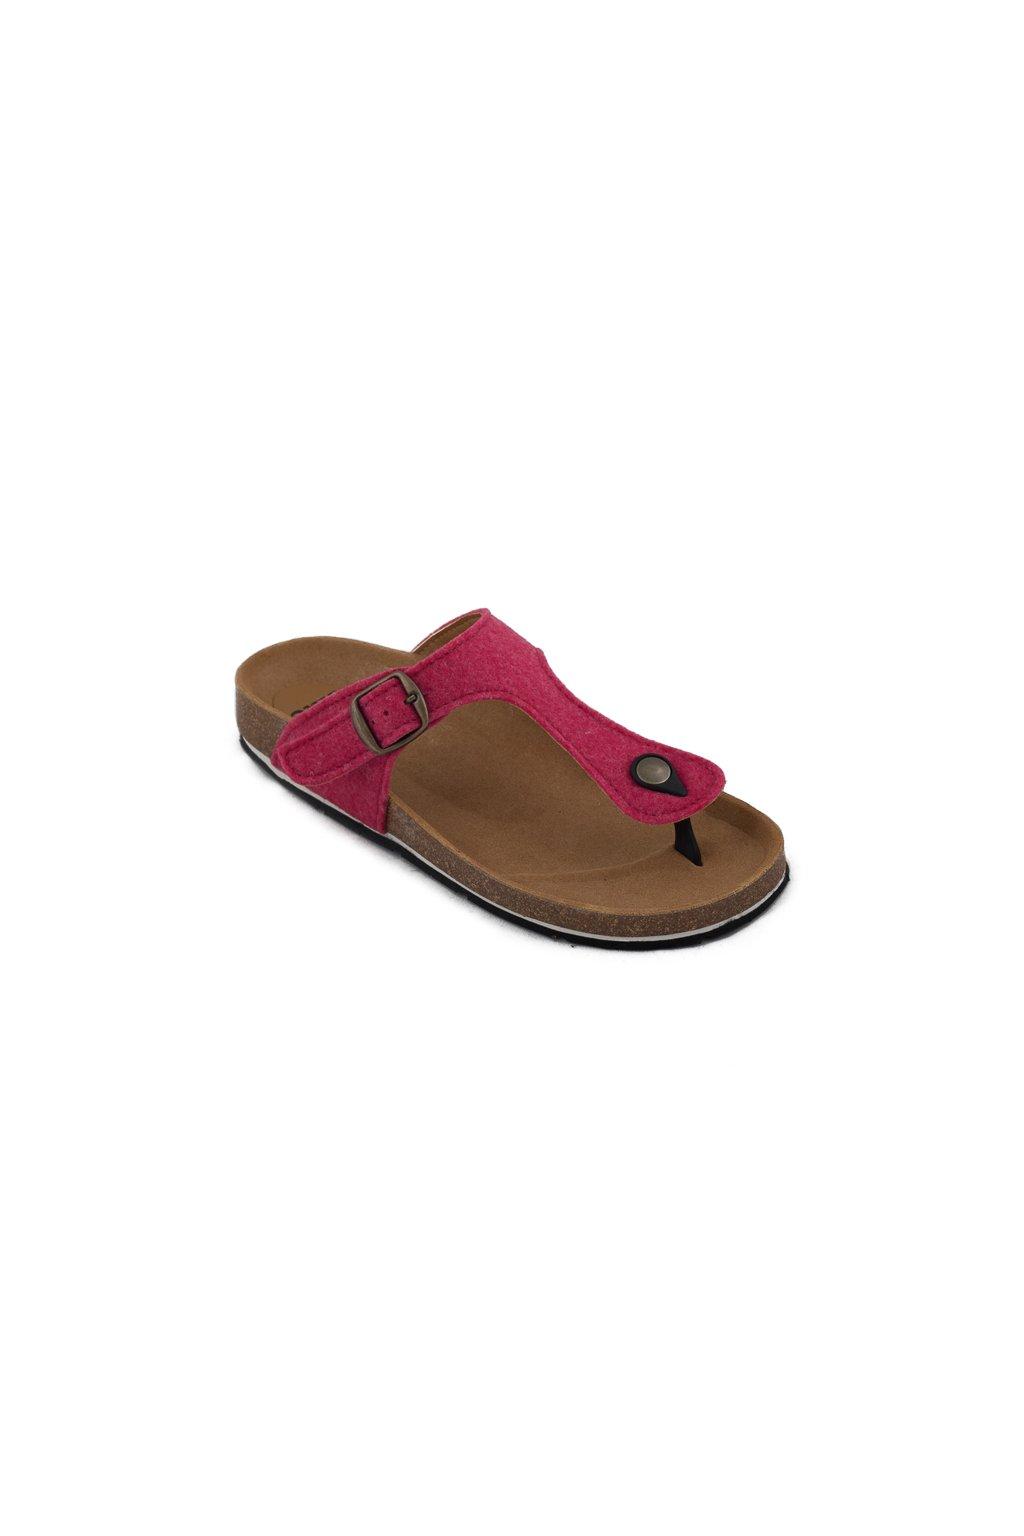 """Ružové sandálky z recyklovaných fliaš """"Kos Pink"""""""